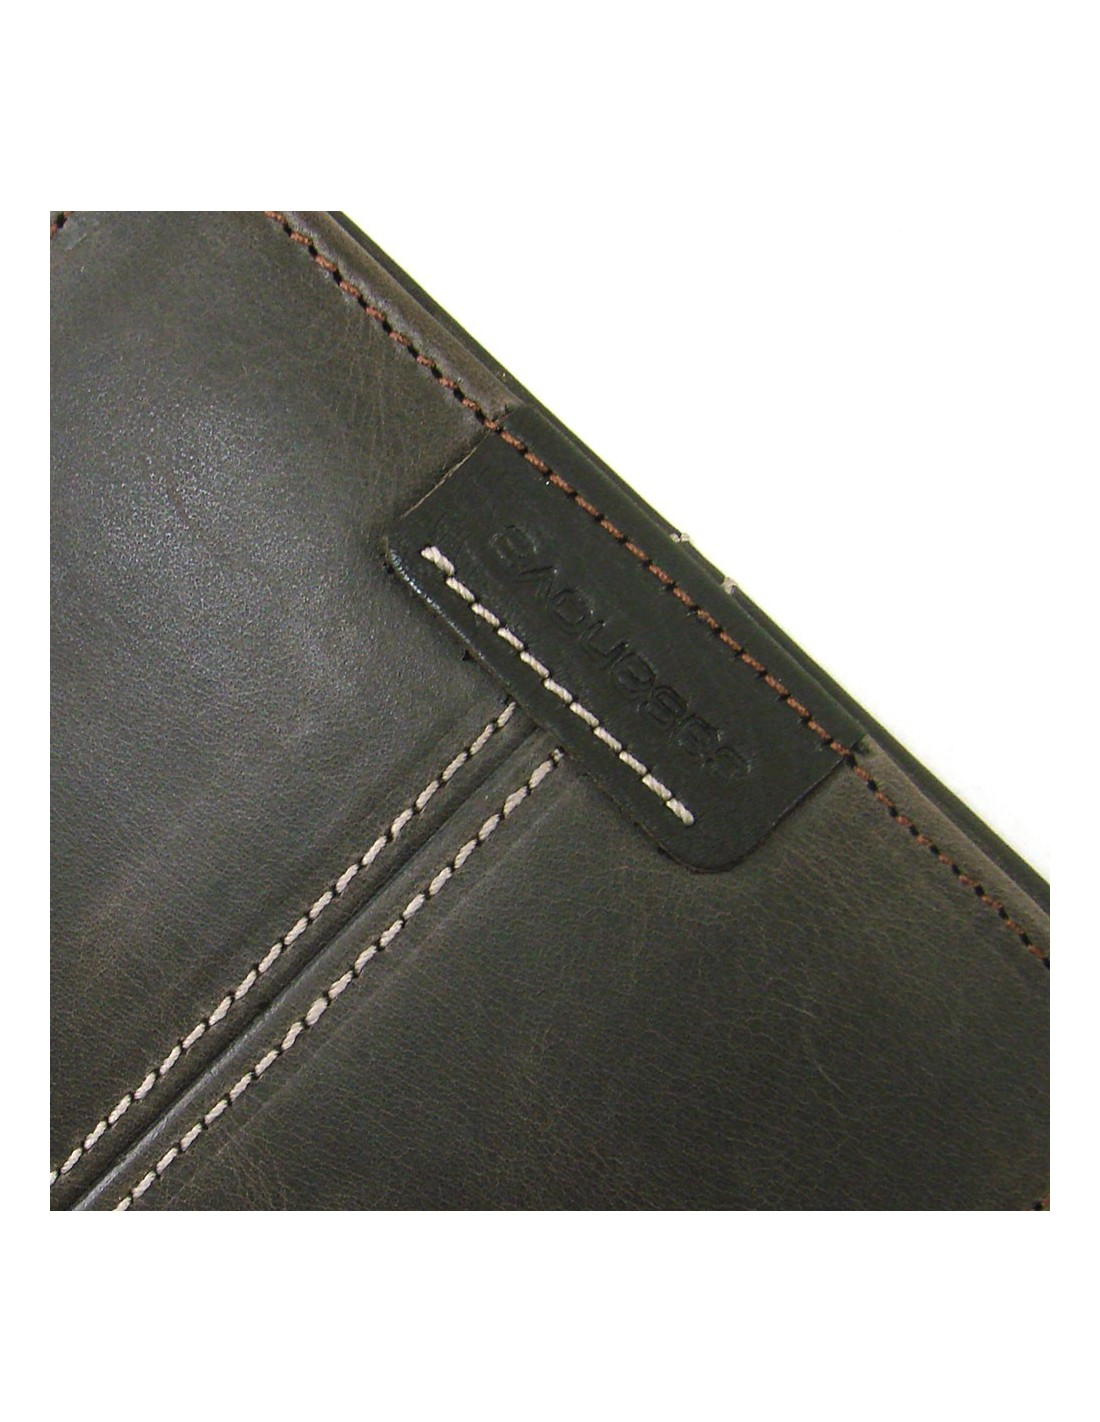 ee4318a70 Mini cartera monedero para hombre de piel marron